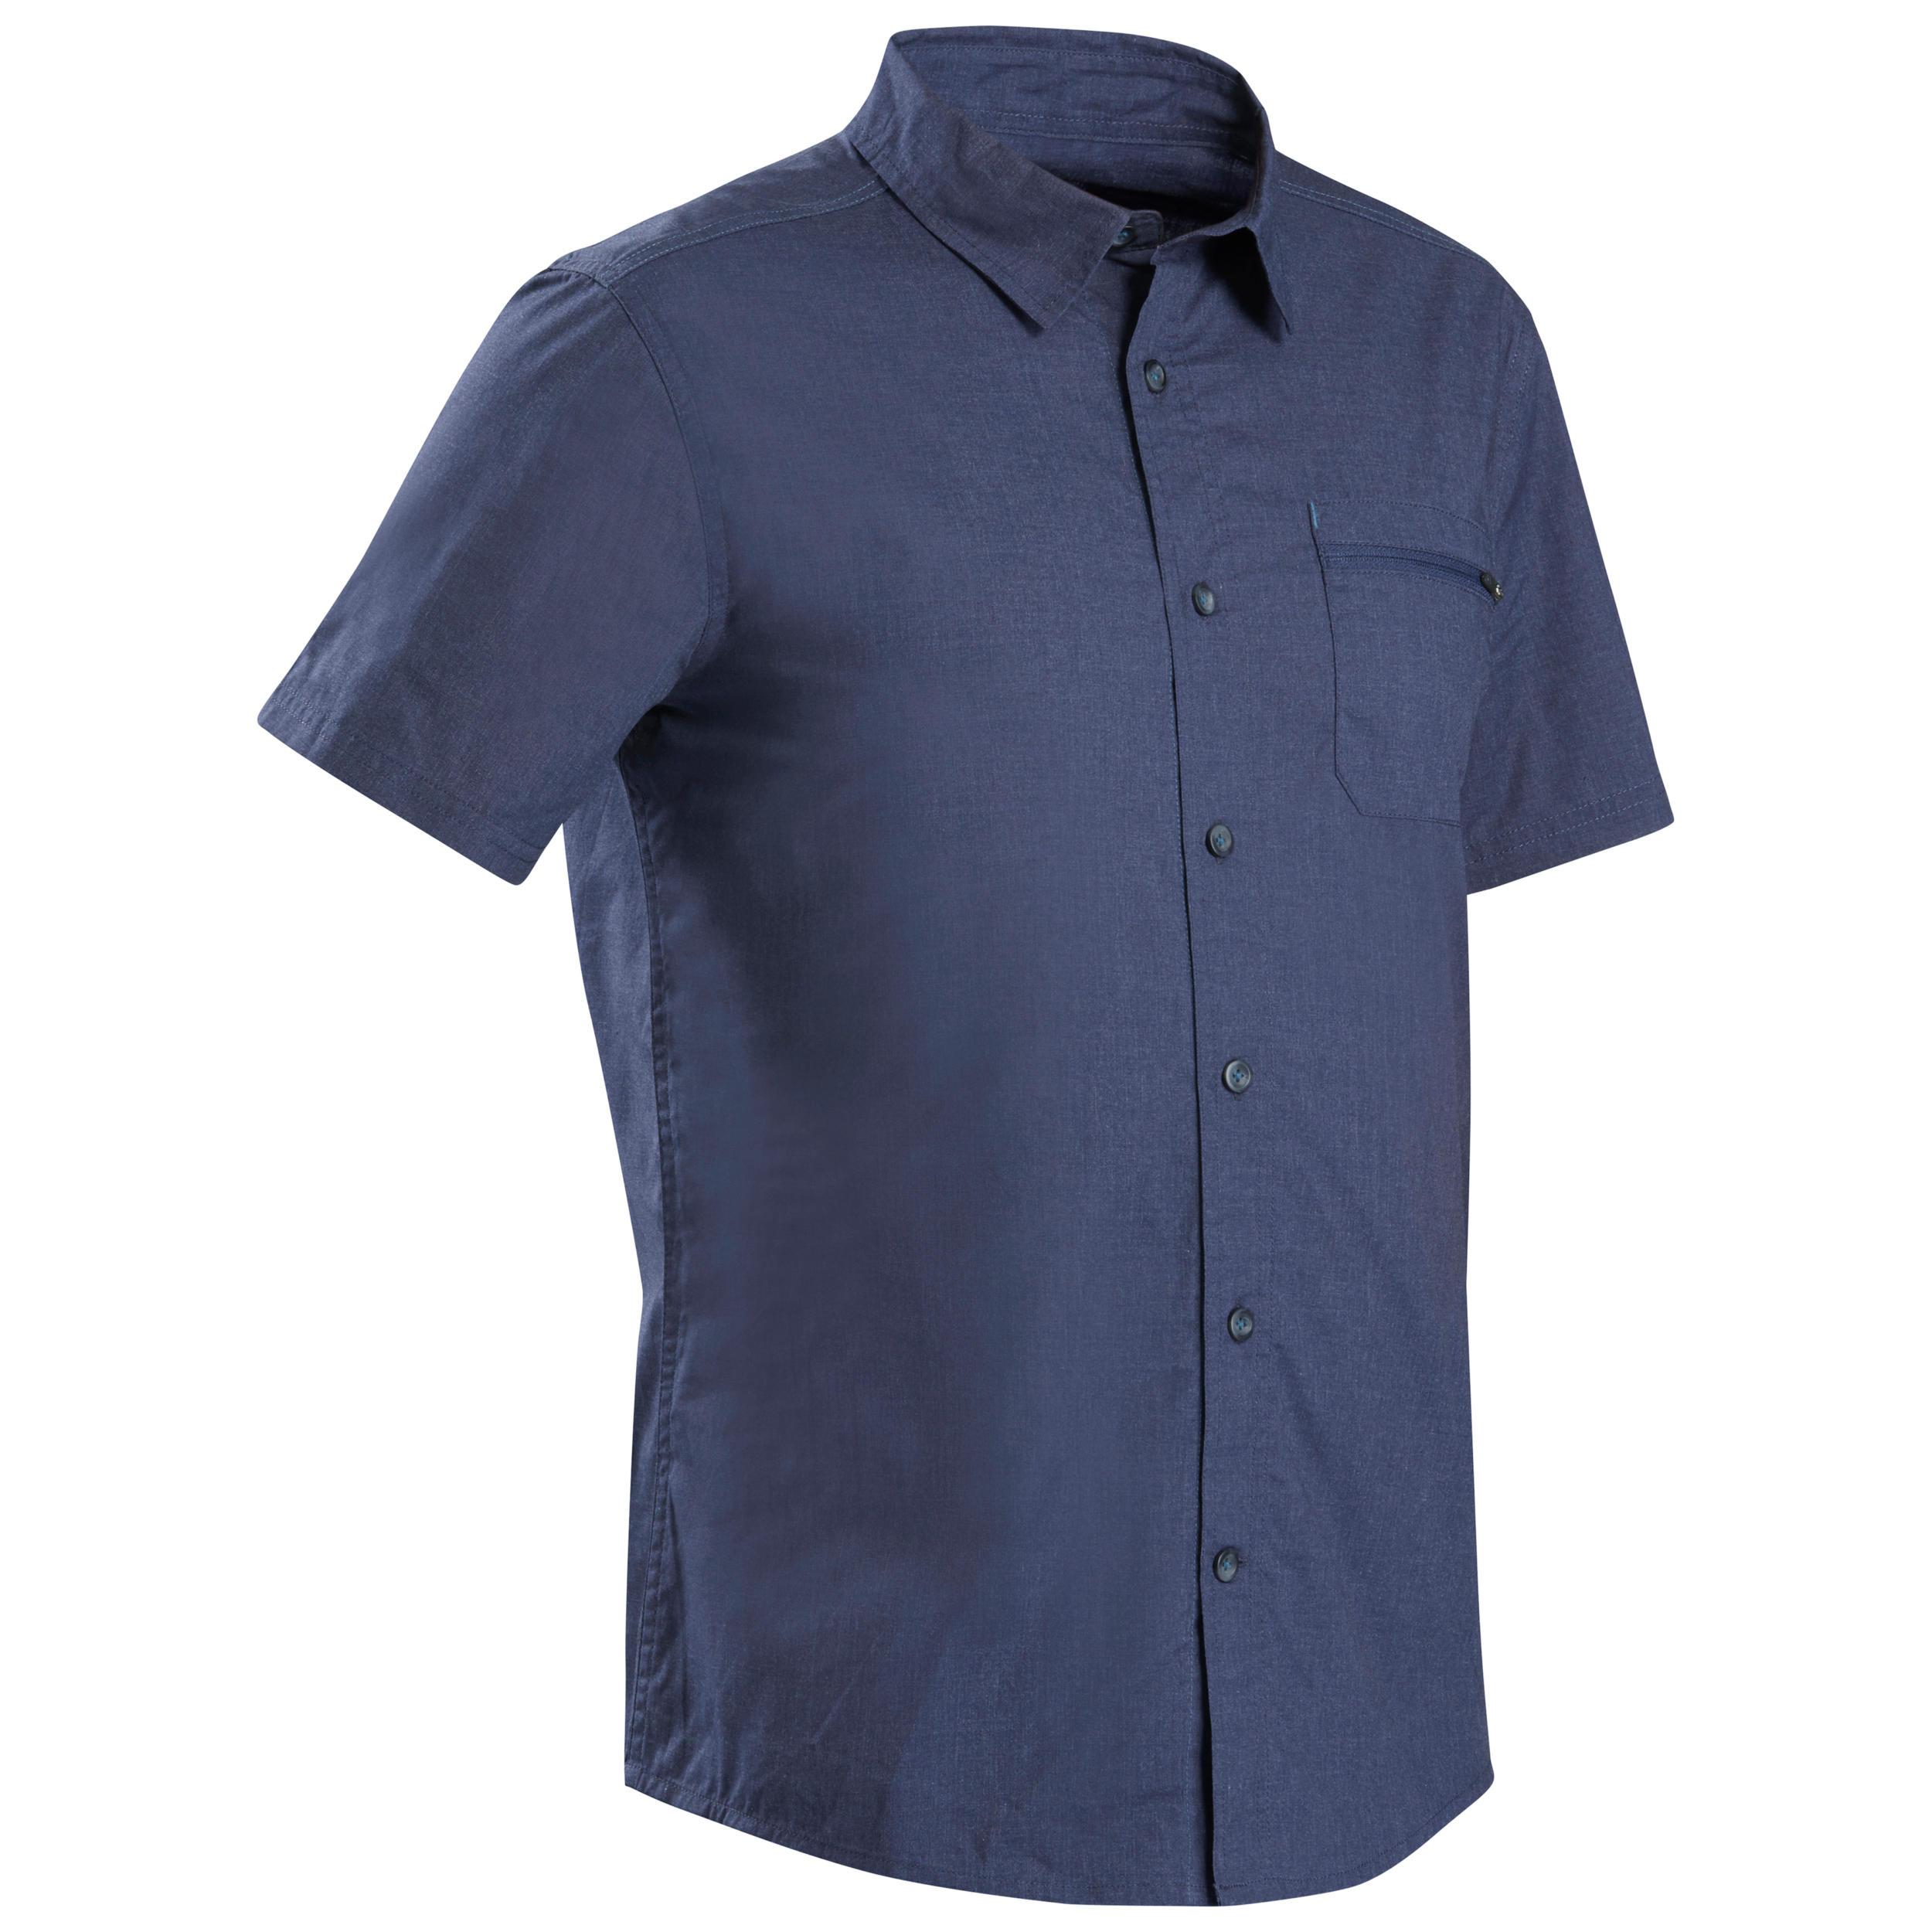 Chemise manches courtes travel50 homme bleu quechua